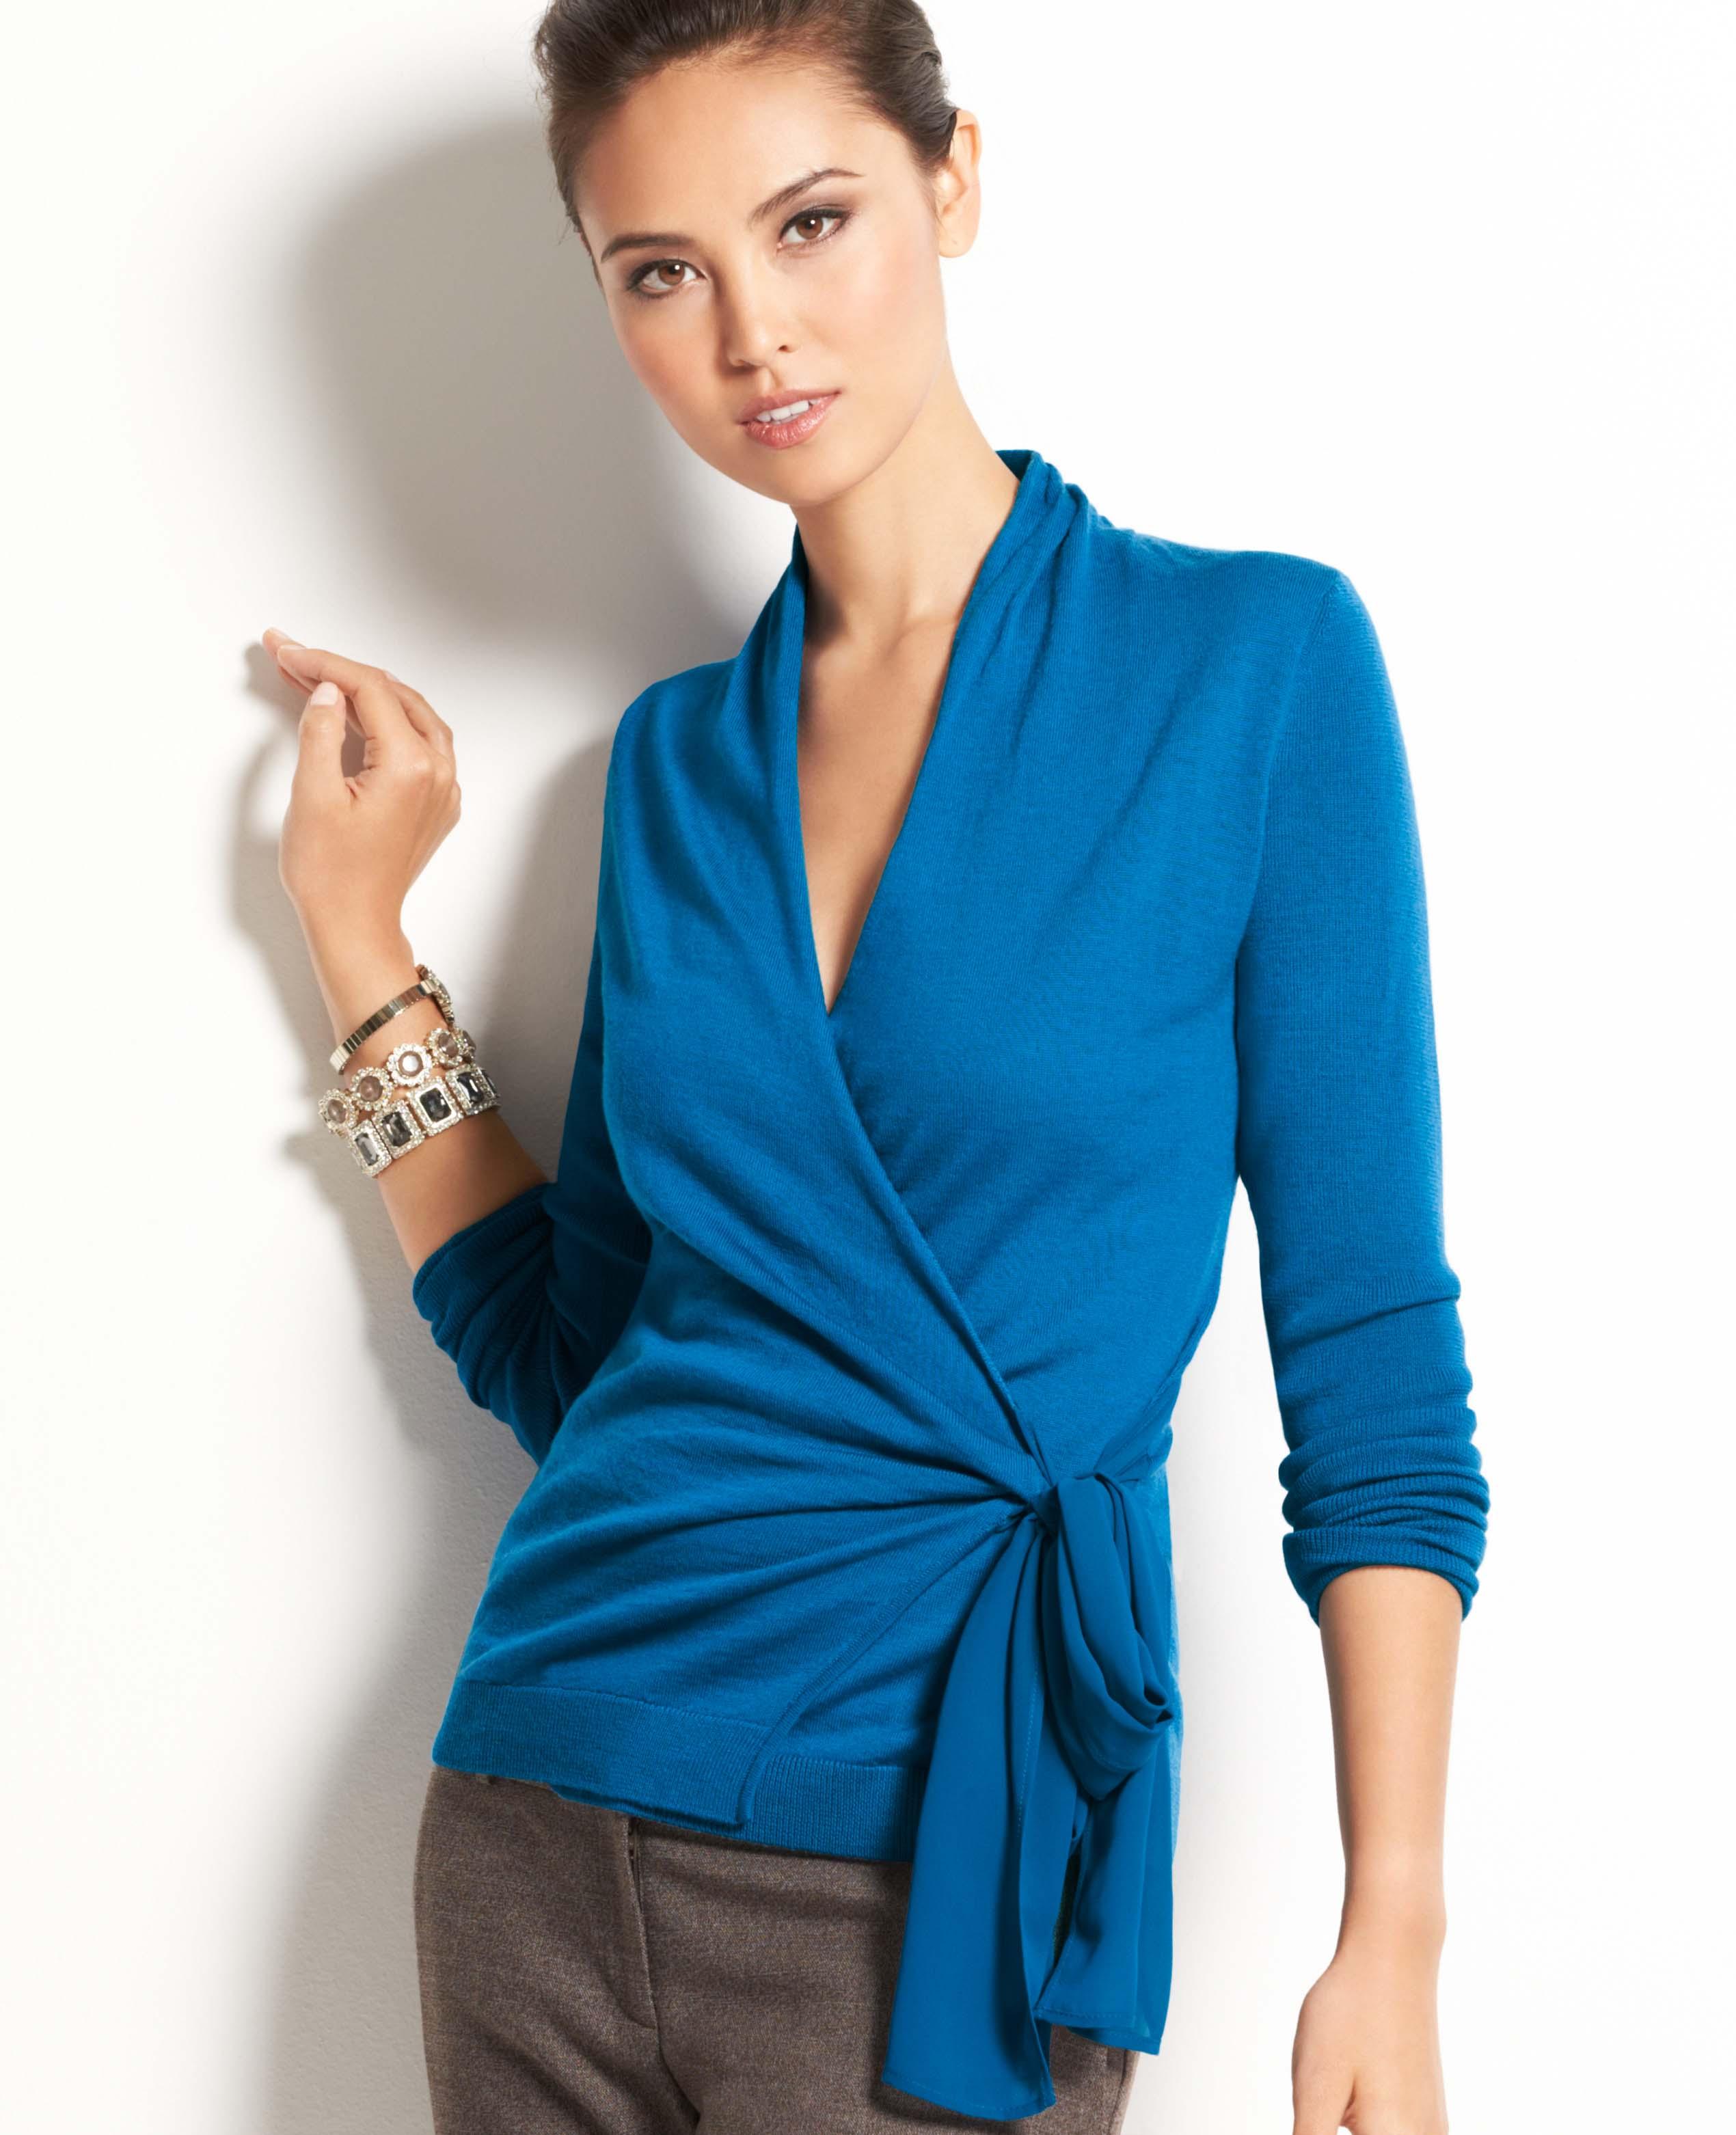 b8214bd319 Ann Taylor Merino Wool Wrap Sweater in Blue - Lyst